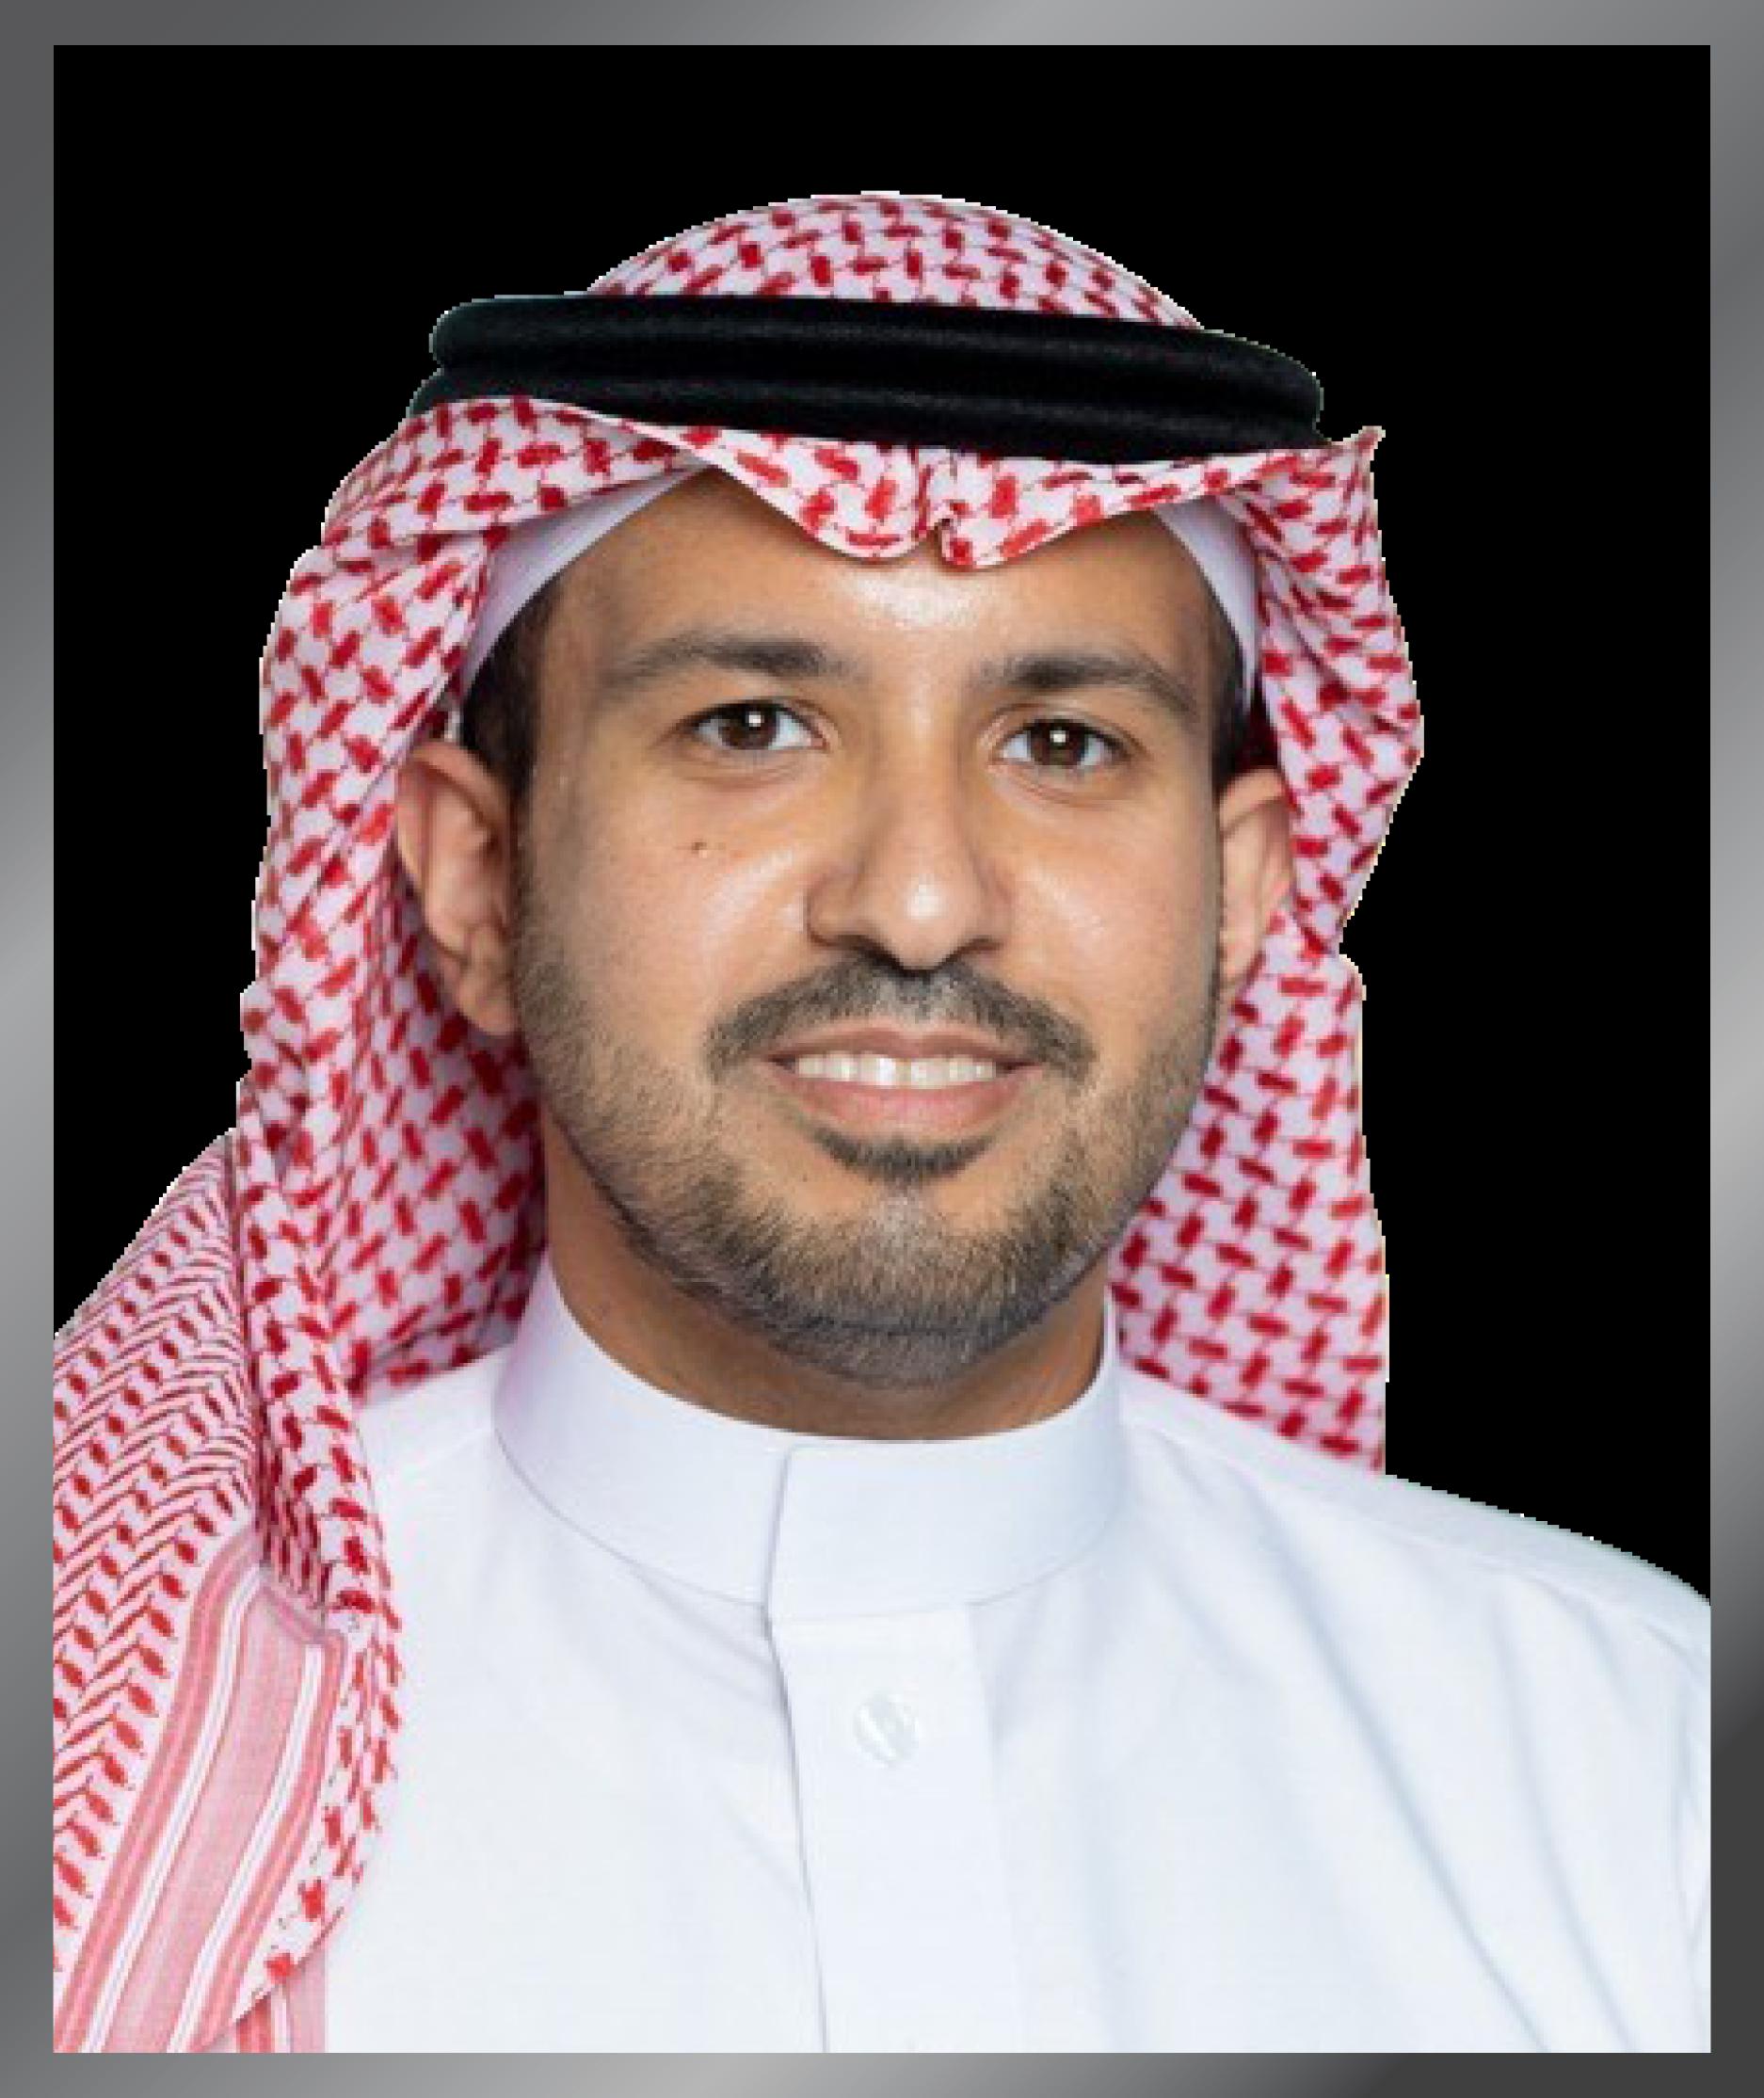 Turki bin Saud Al Dayel